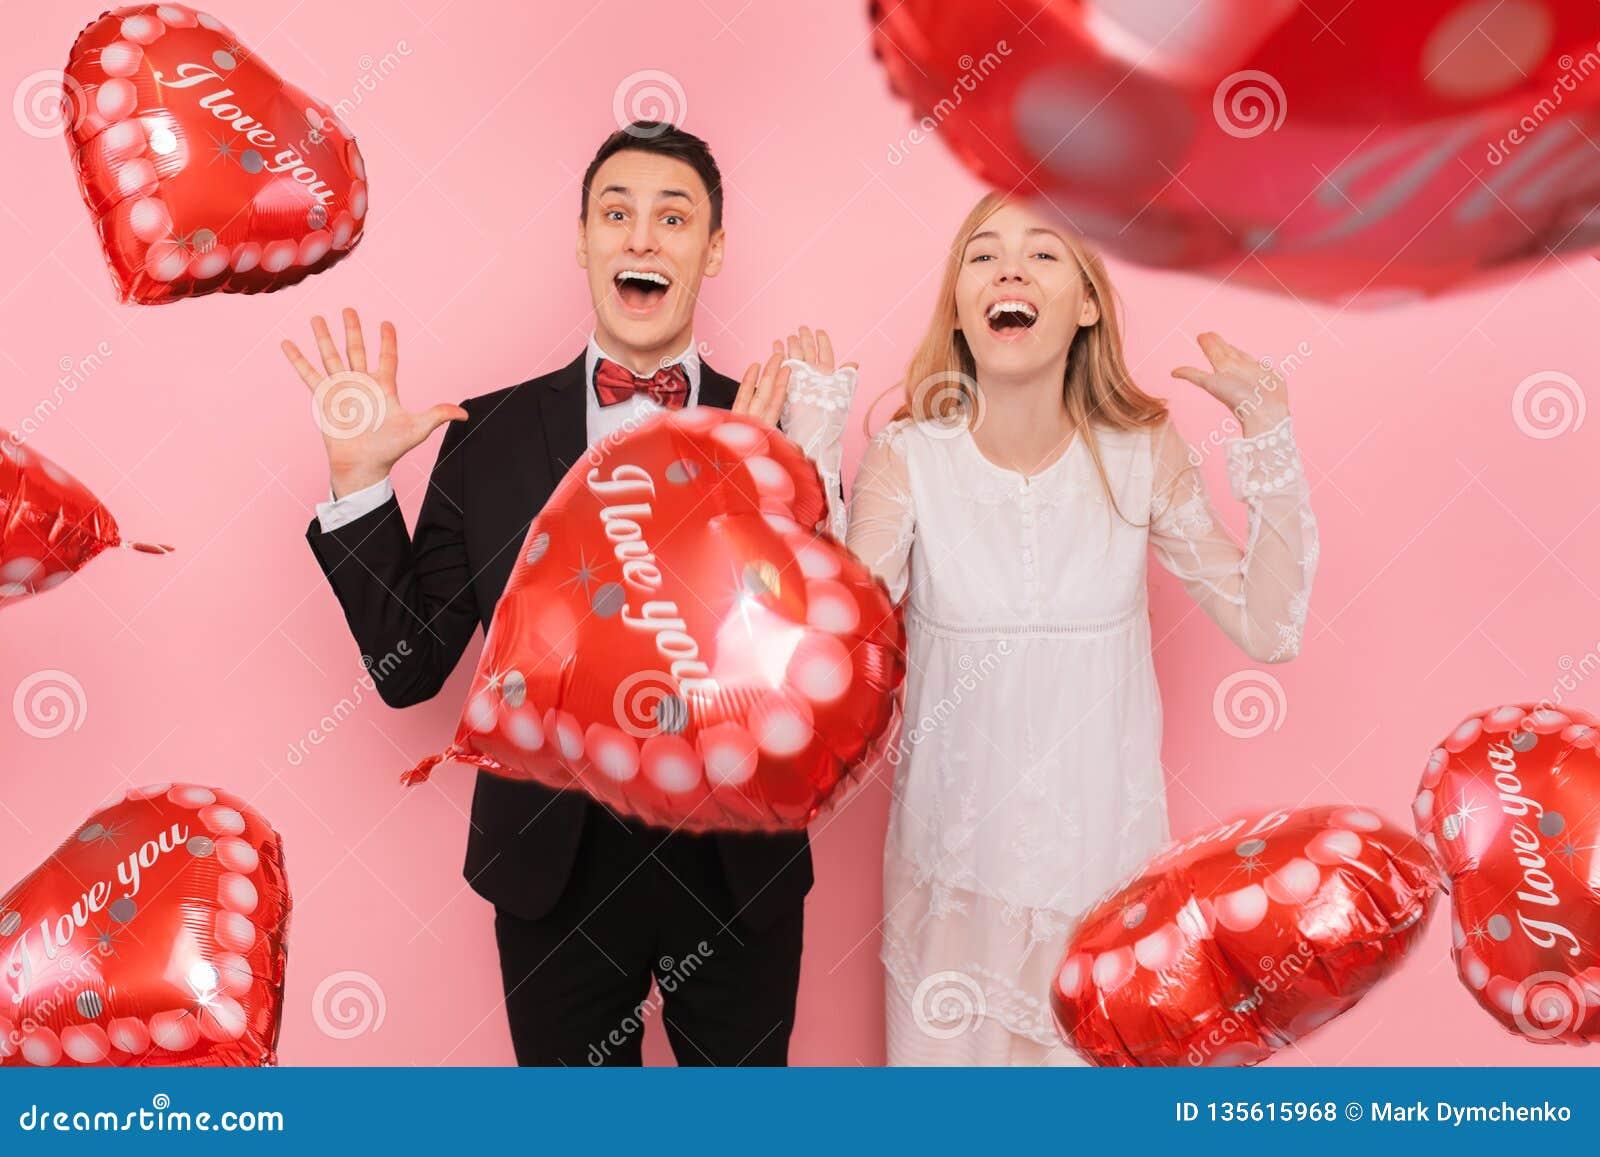 Een paar in liefde, een man en een vrouw, die ballons in de vorm van een hart op een roze achtergrond houden, genieten van de dag